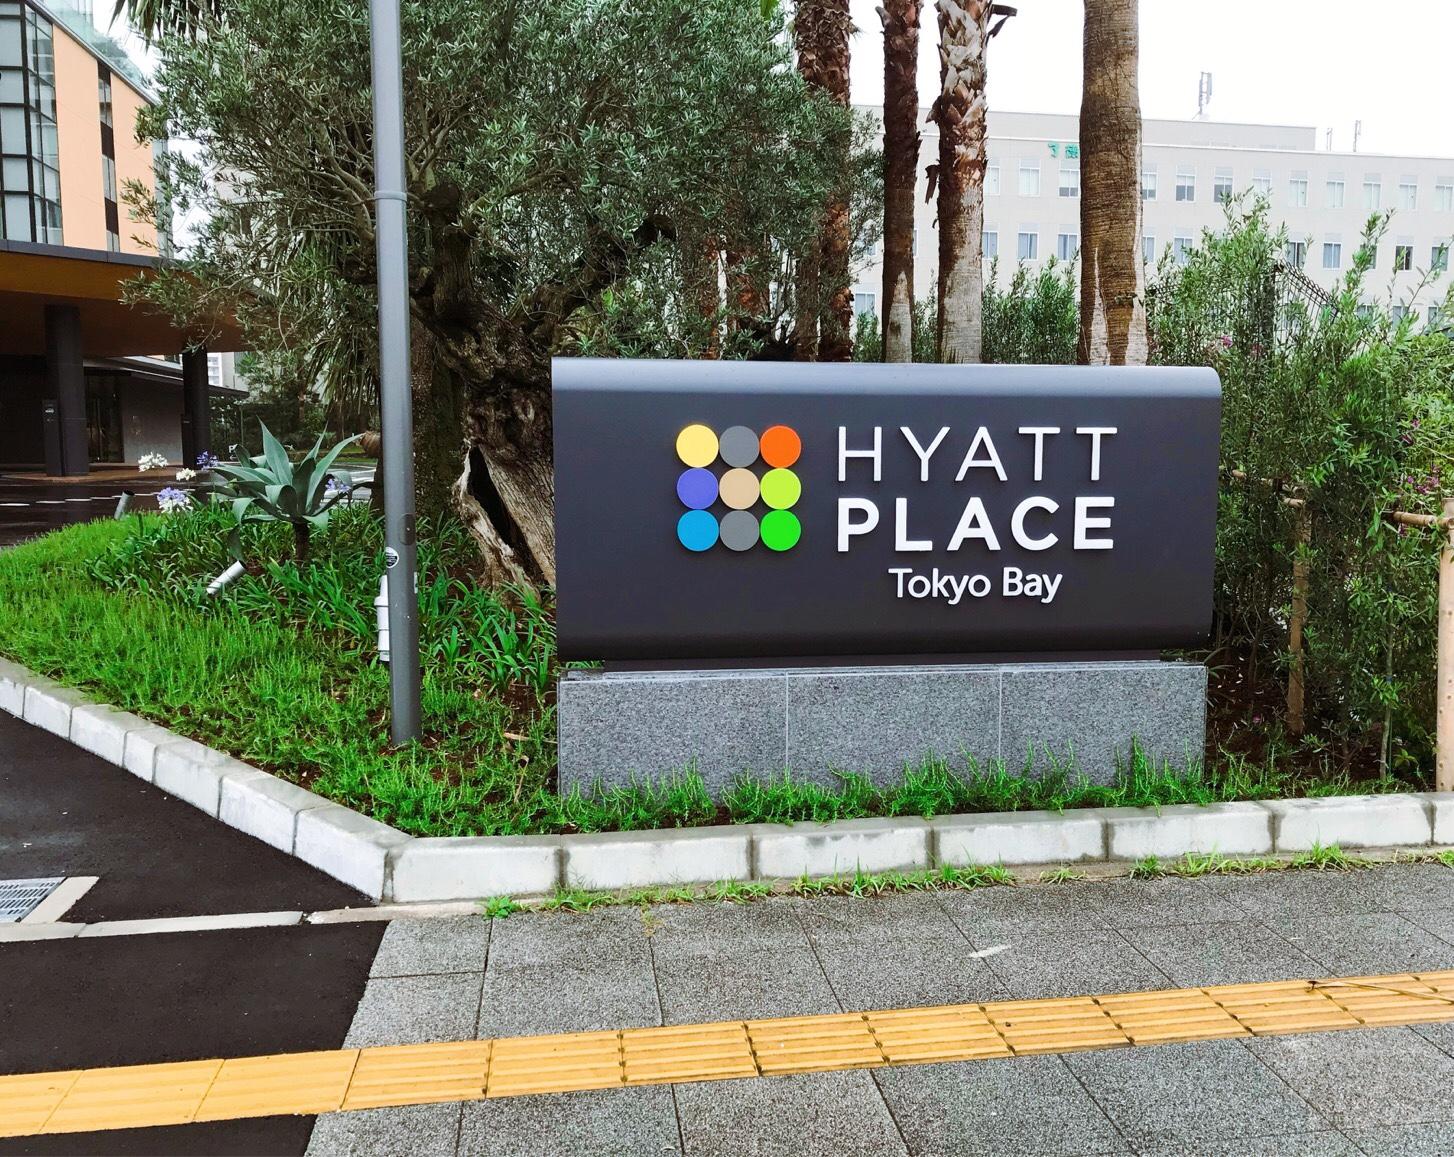 日本初進出!ハイアットプレイス 東京ベイ(HYATT PLACE Tokyo Bay)に泊まってみた時の記録。2019年7月。